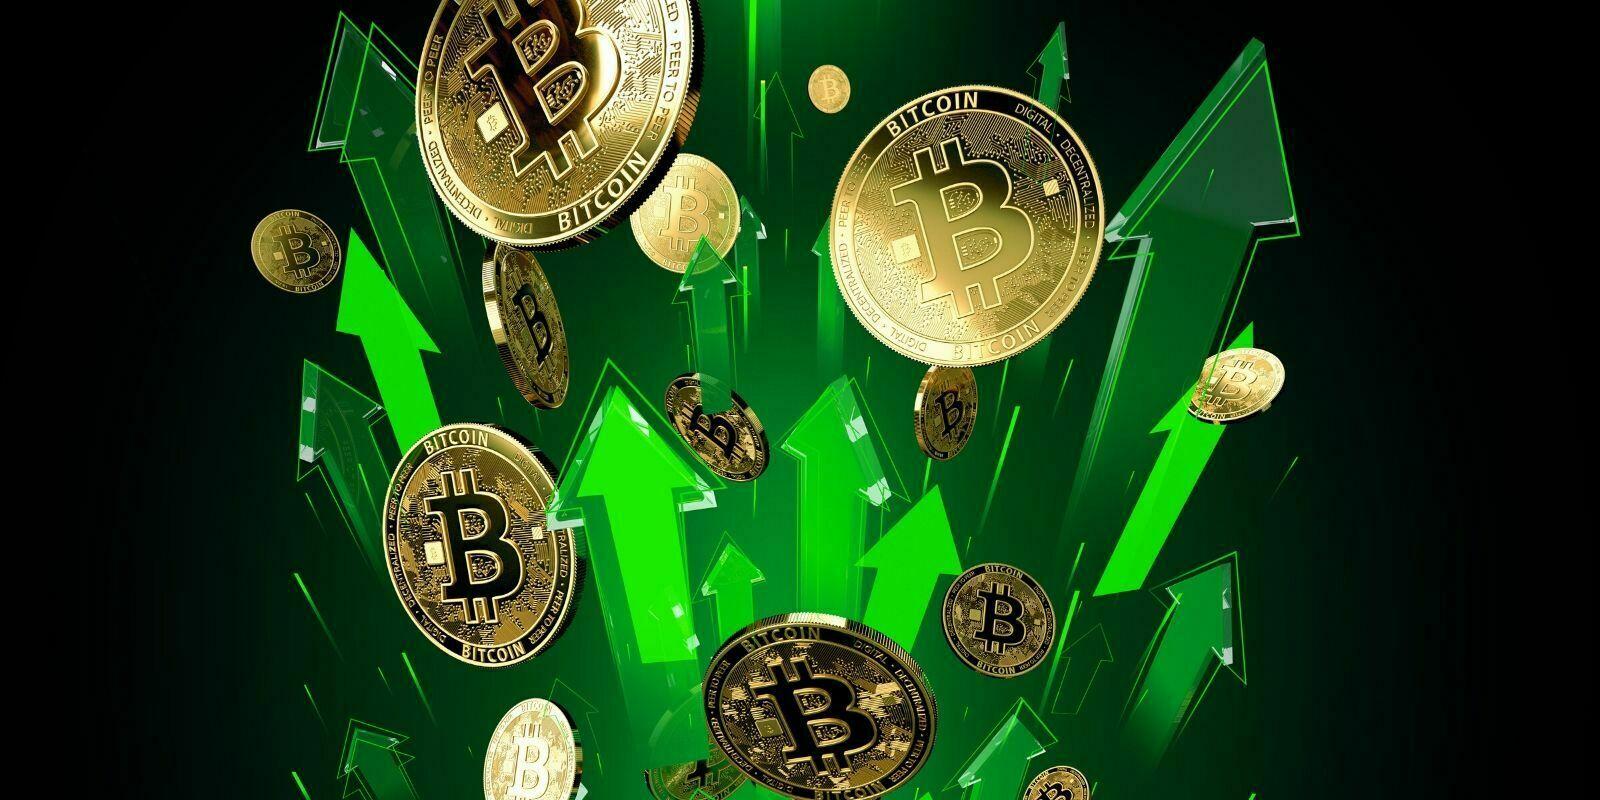 Le Bitcoin passe la barre des 9000 dollars, plus rien ne semble l'arrêter